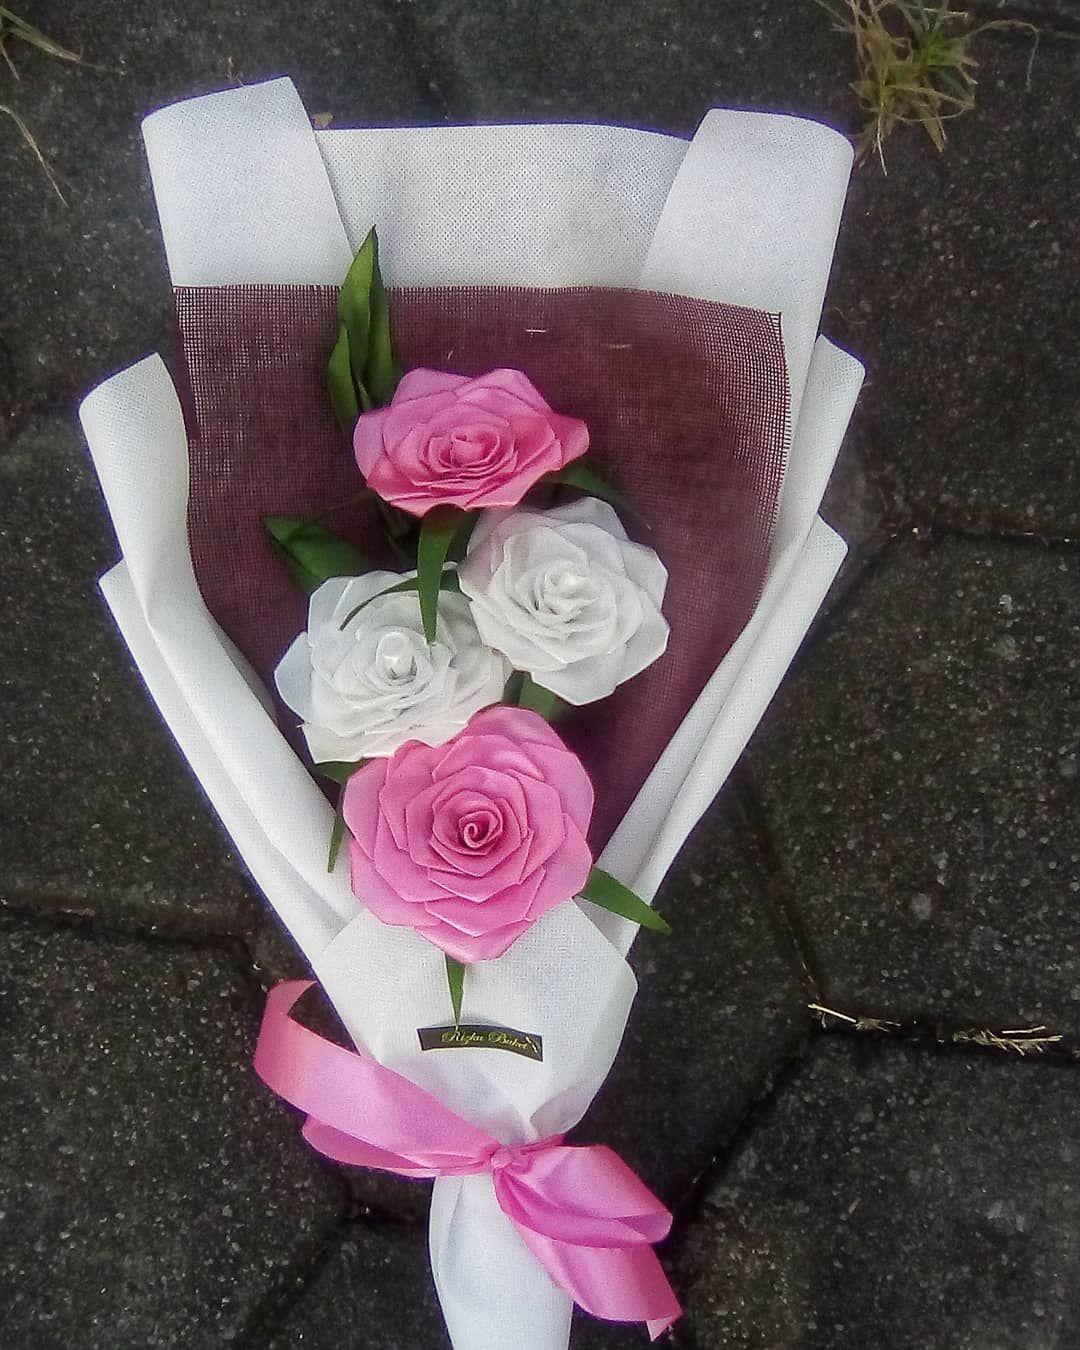 Buket Wisuda Sateen Open Order Maksimal 3 Hari Pembuatan Tanya Harga Bisa Dm Fast Respon Wa Di Bio Order Buket Get Free Pl Diy Bouquet Diy Creative Kado